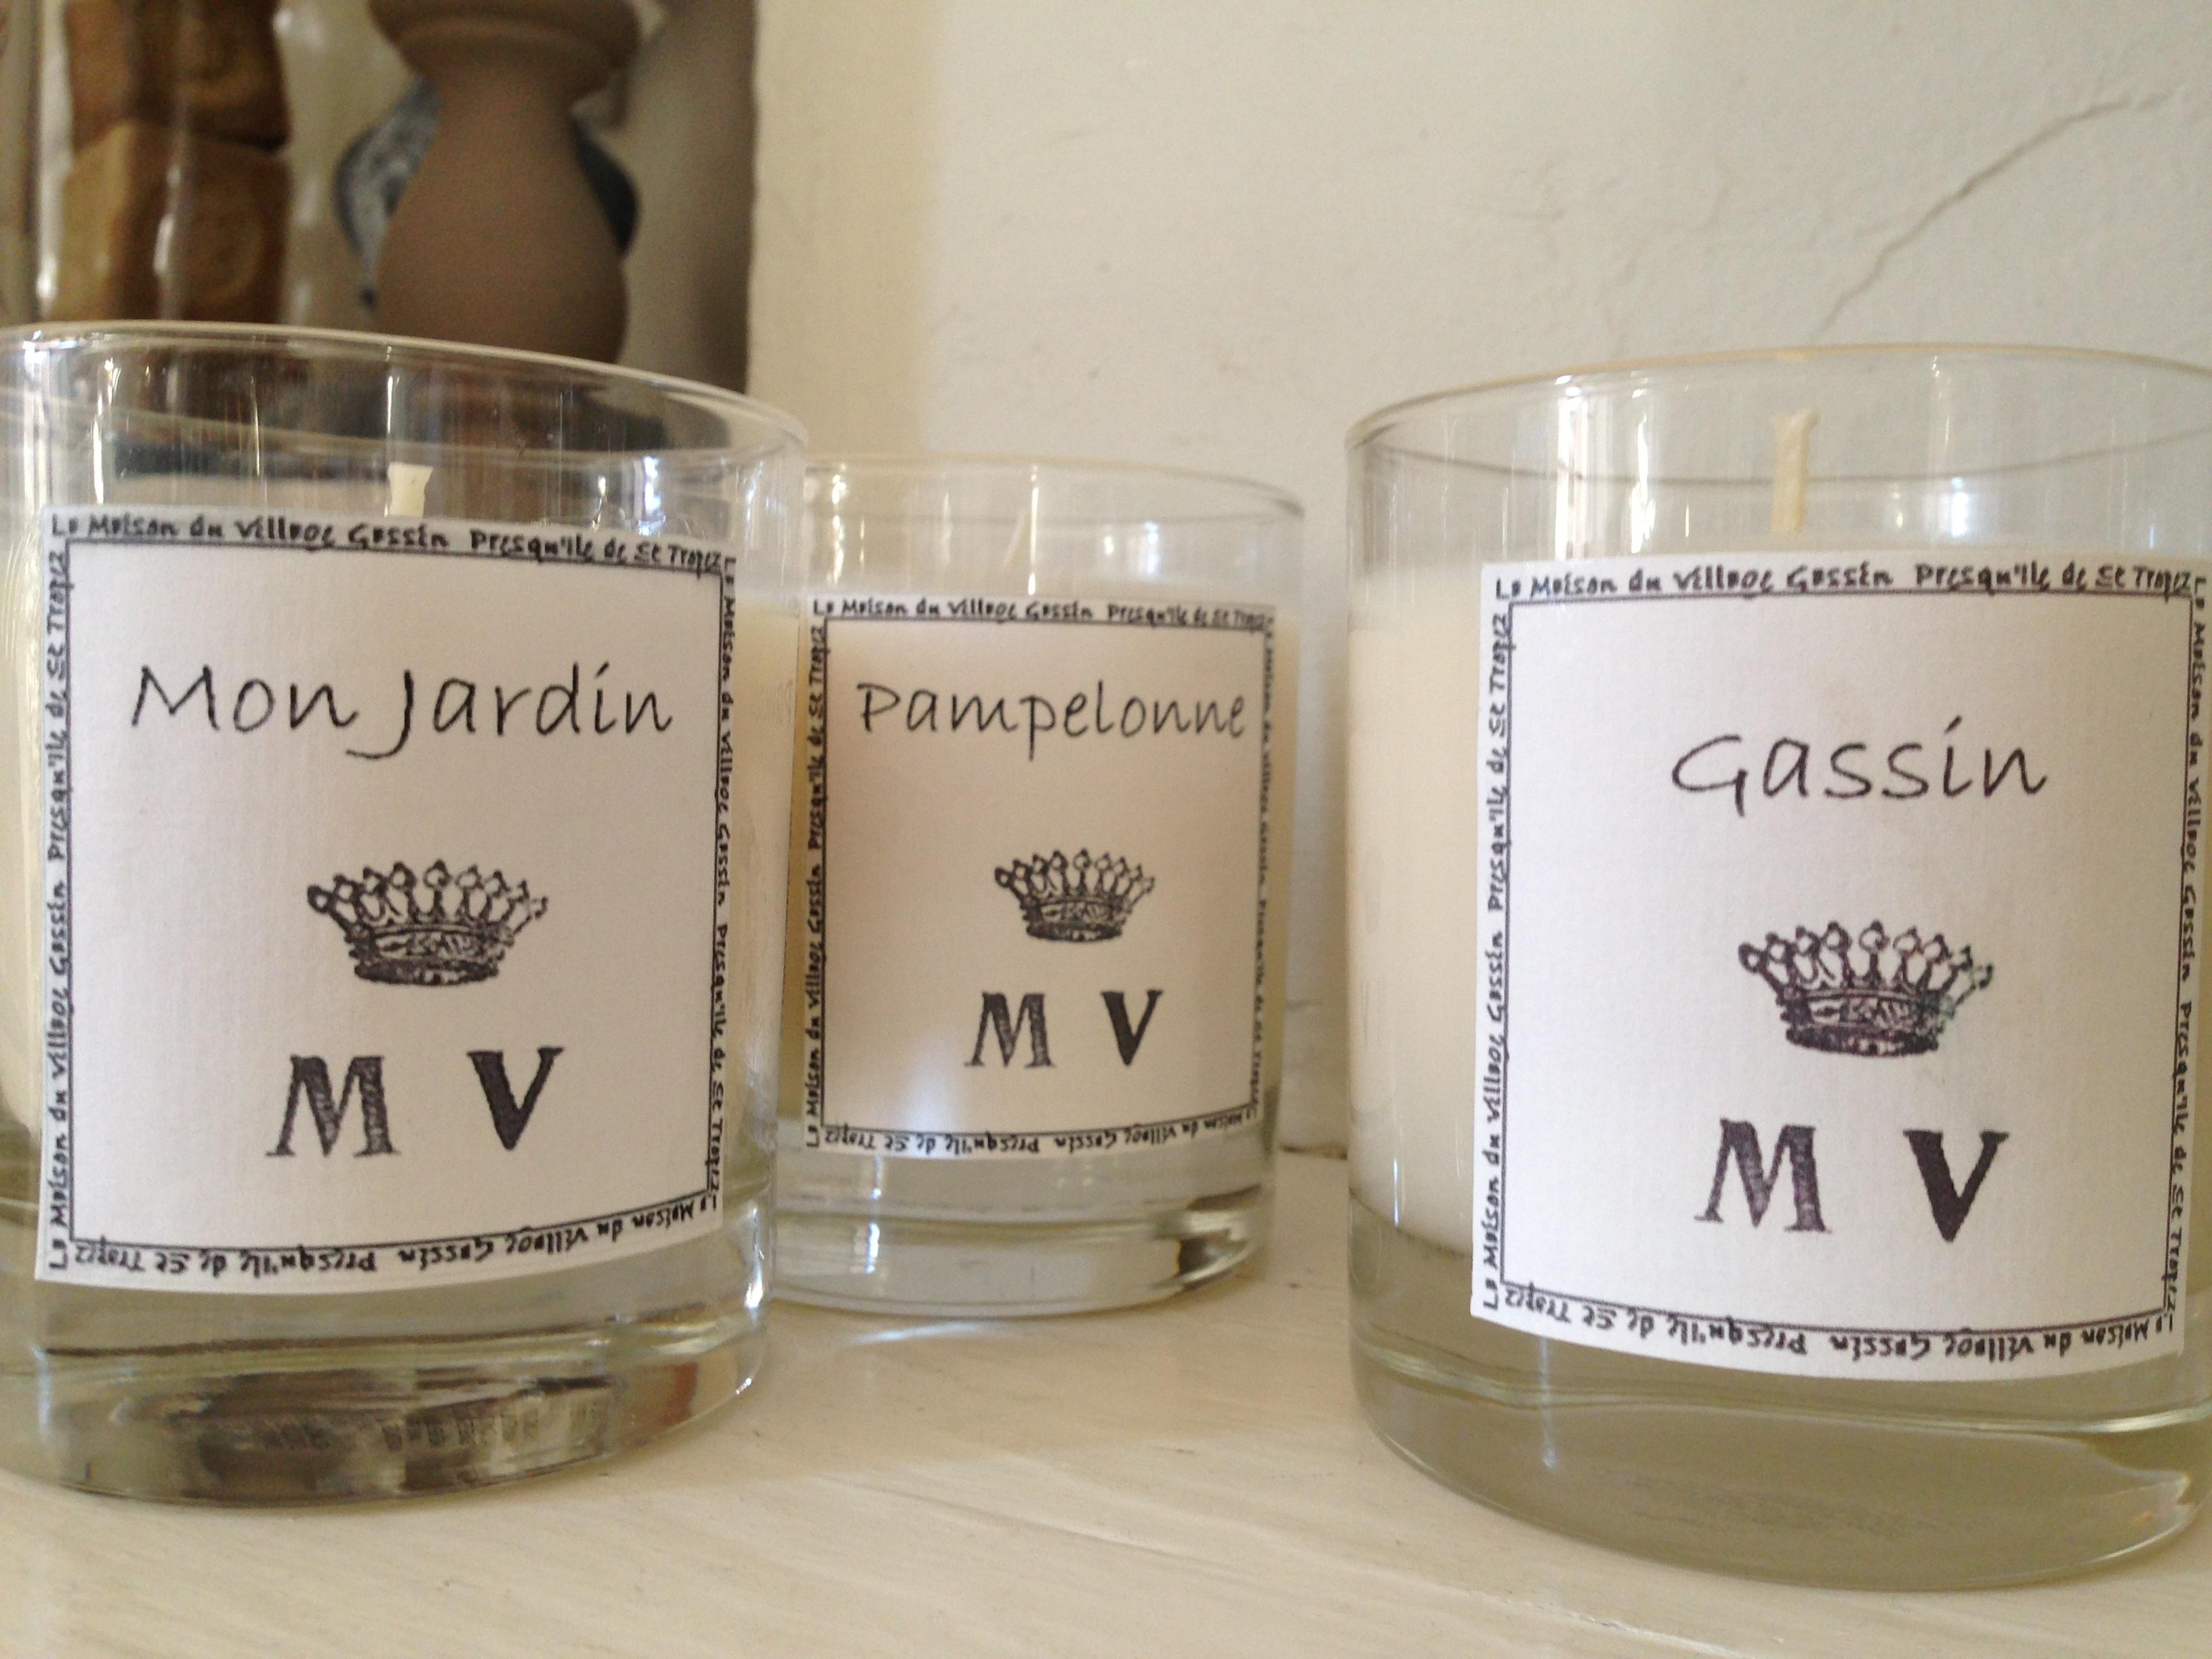 bougies_eau_ambree_mv_la_maison_du_village_gassin__décoration_boutique_(3).JPG